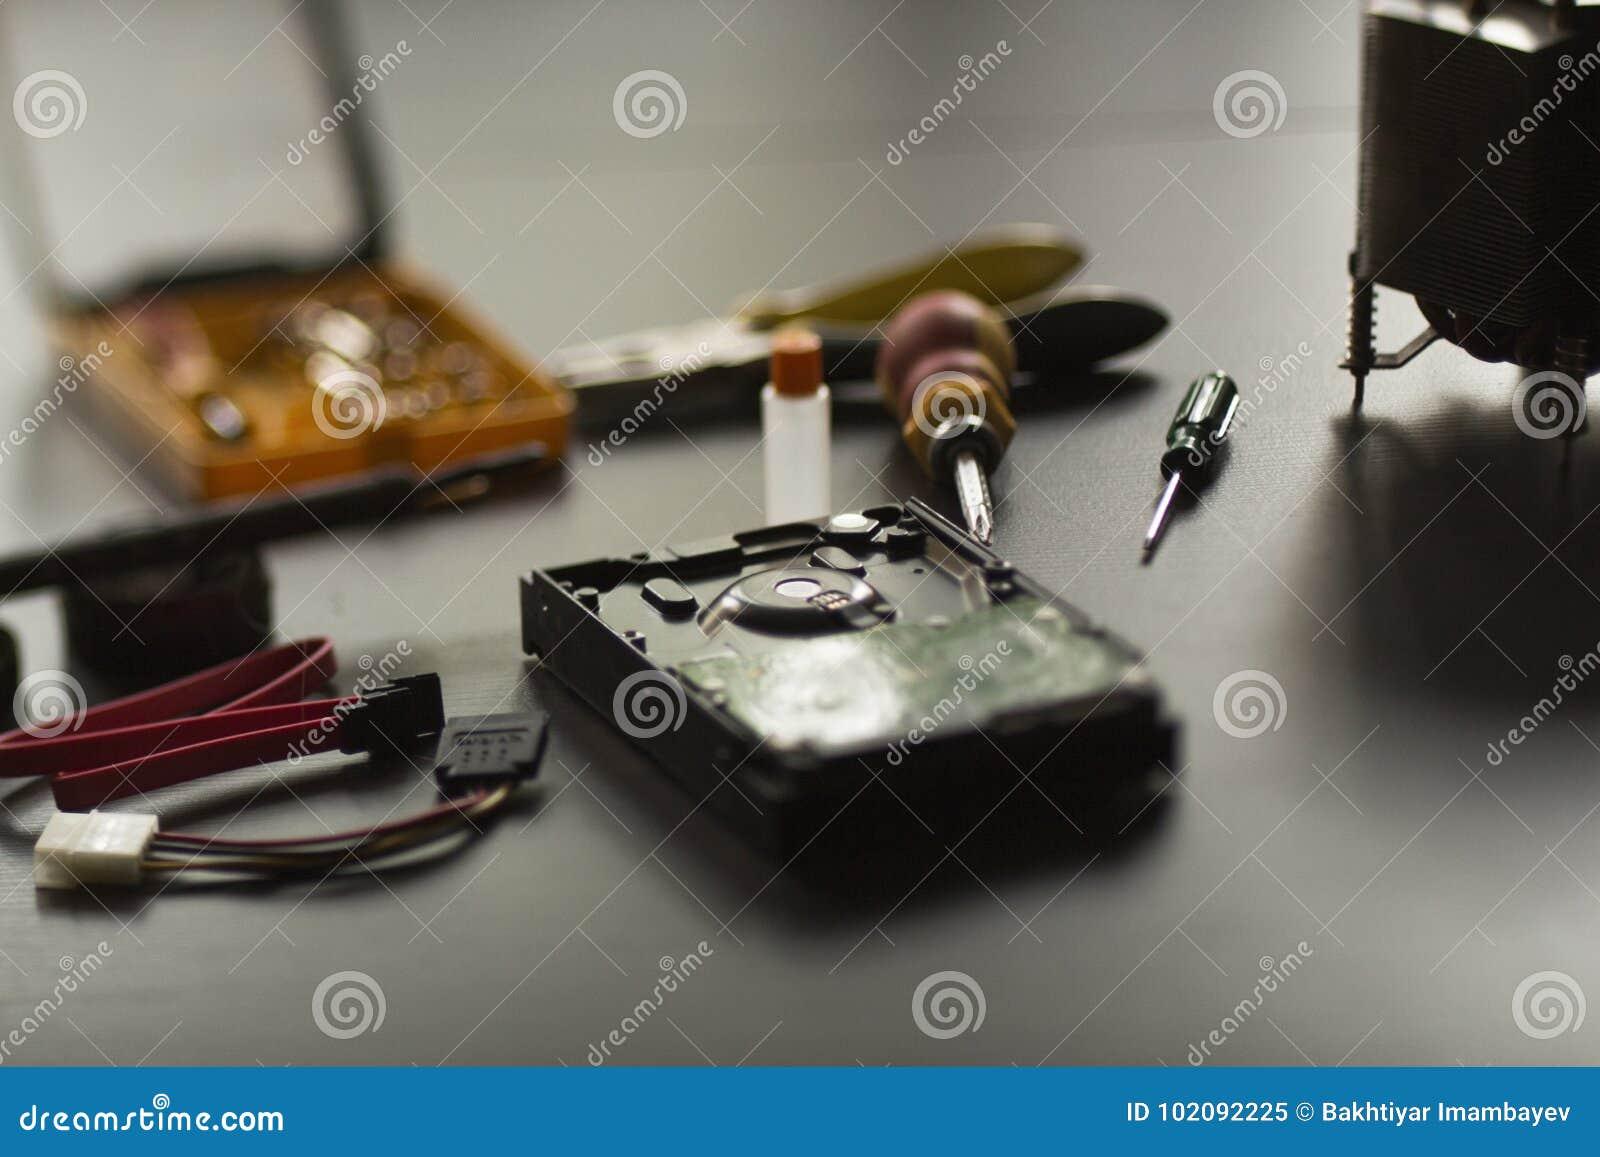 Réparation dure de disque